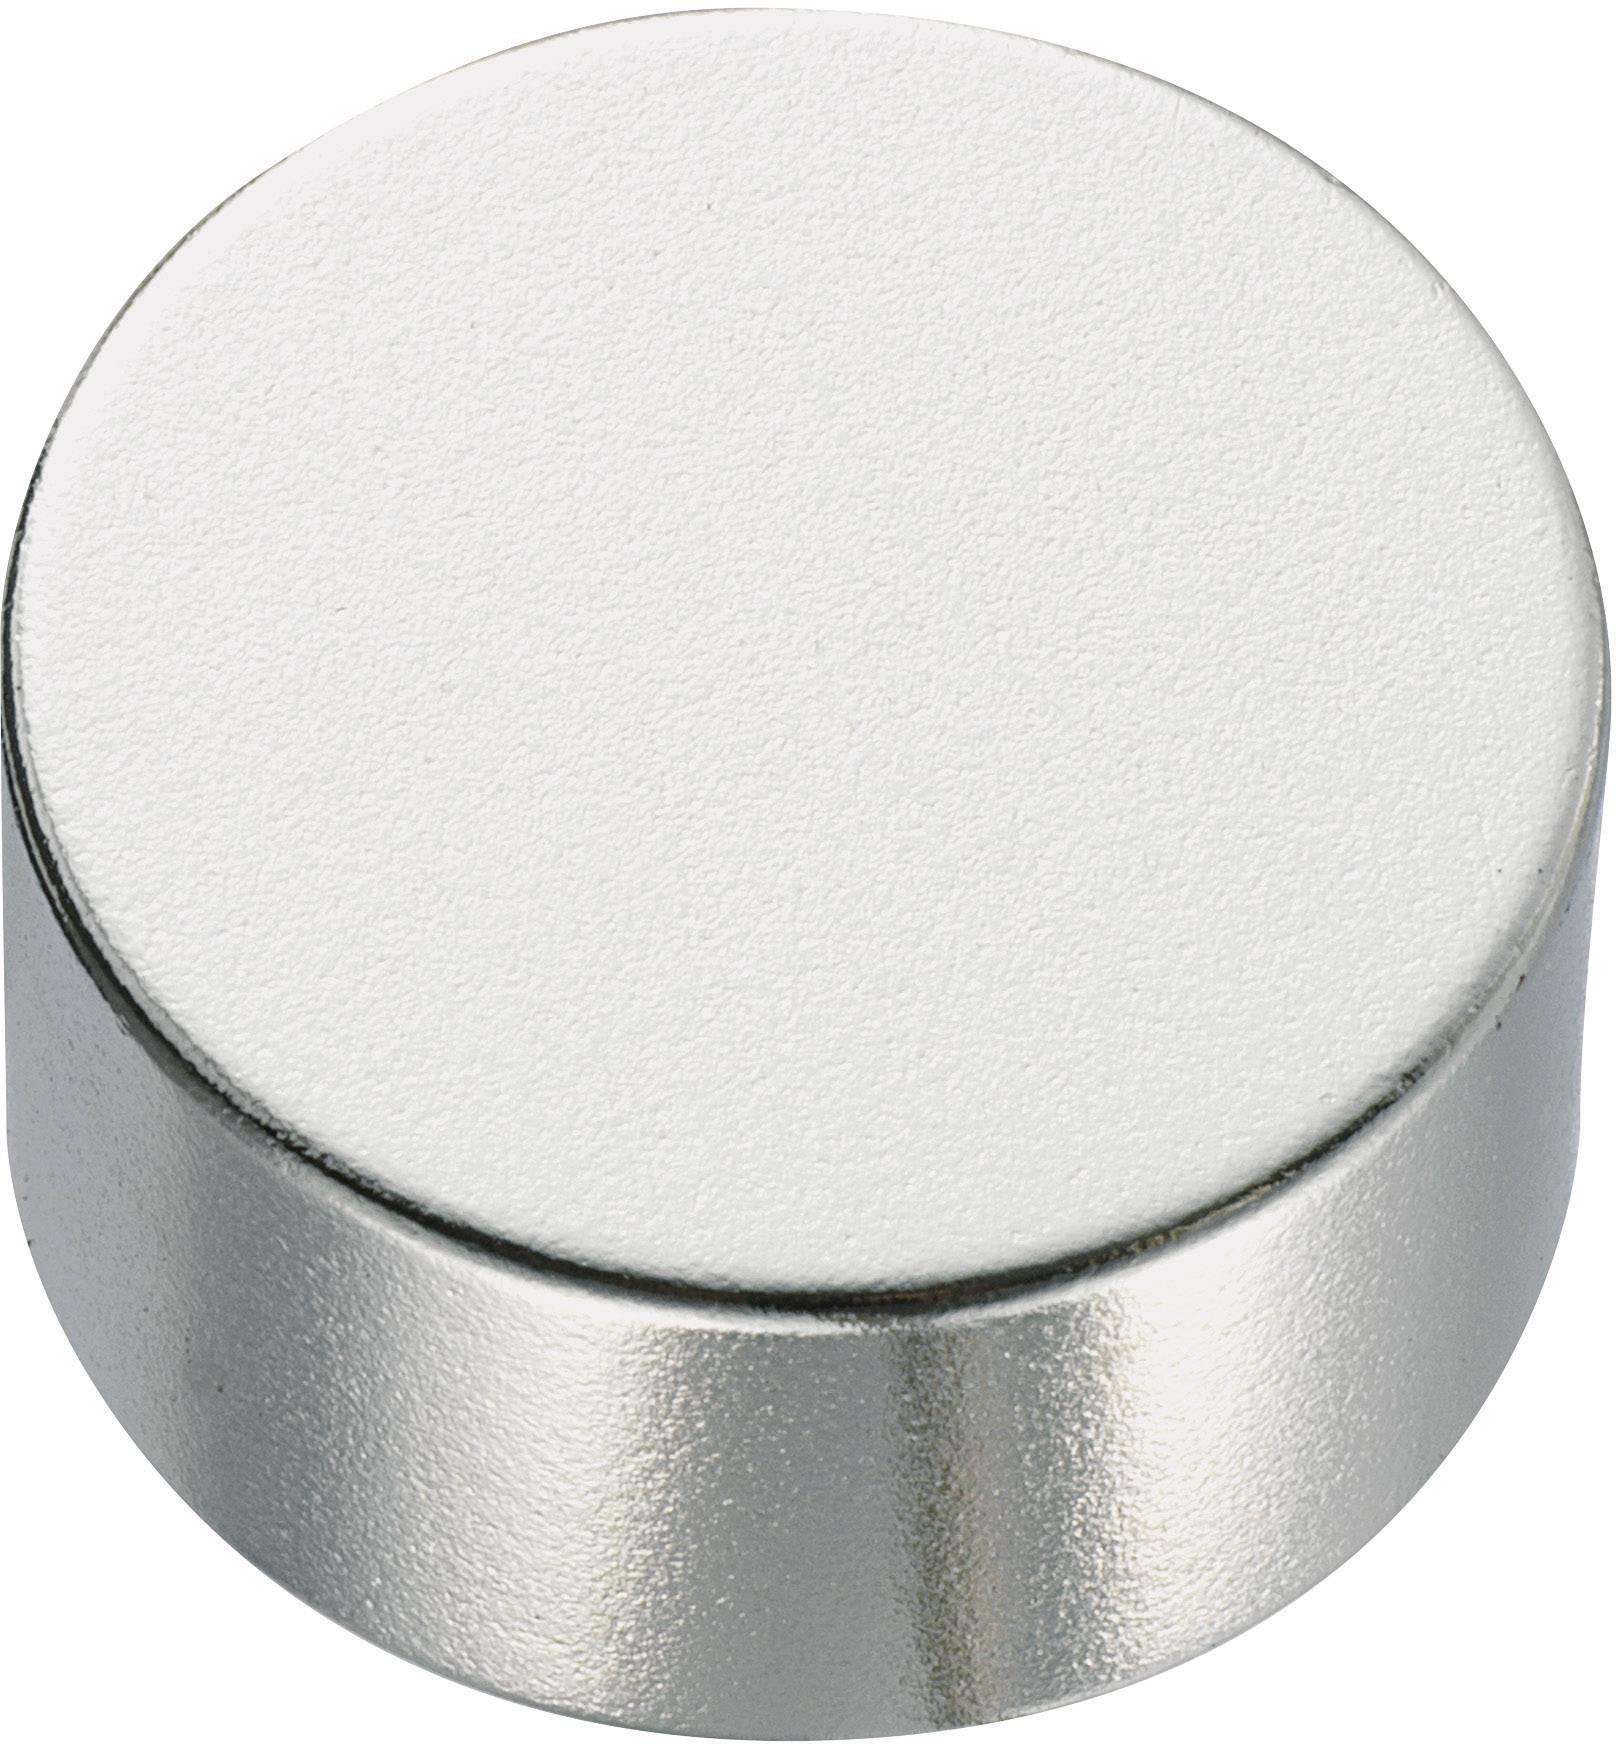 Permanentný magnet, valcový, N35M, 1.24 T, Max.pracovná teplota: 100 ° C, 5 x 2 mm